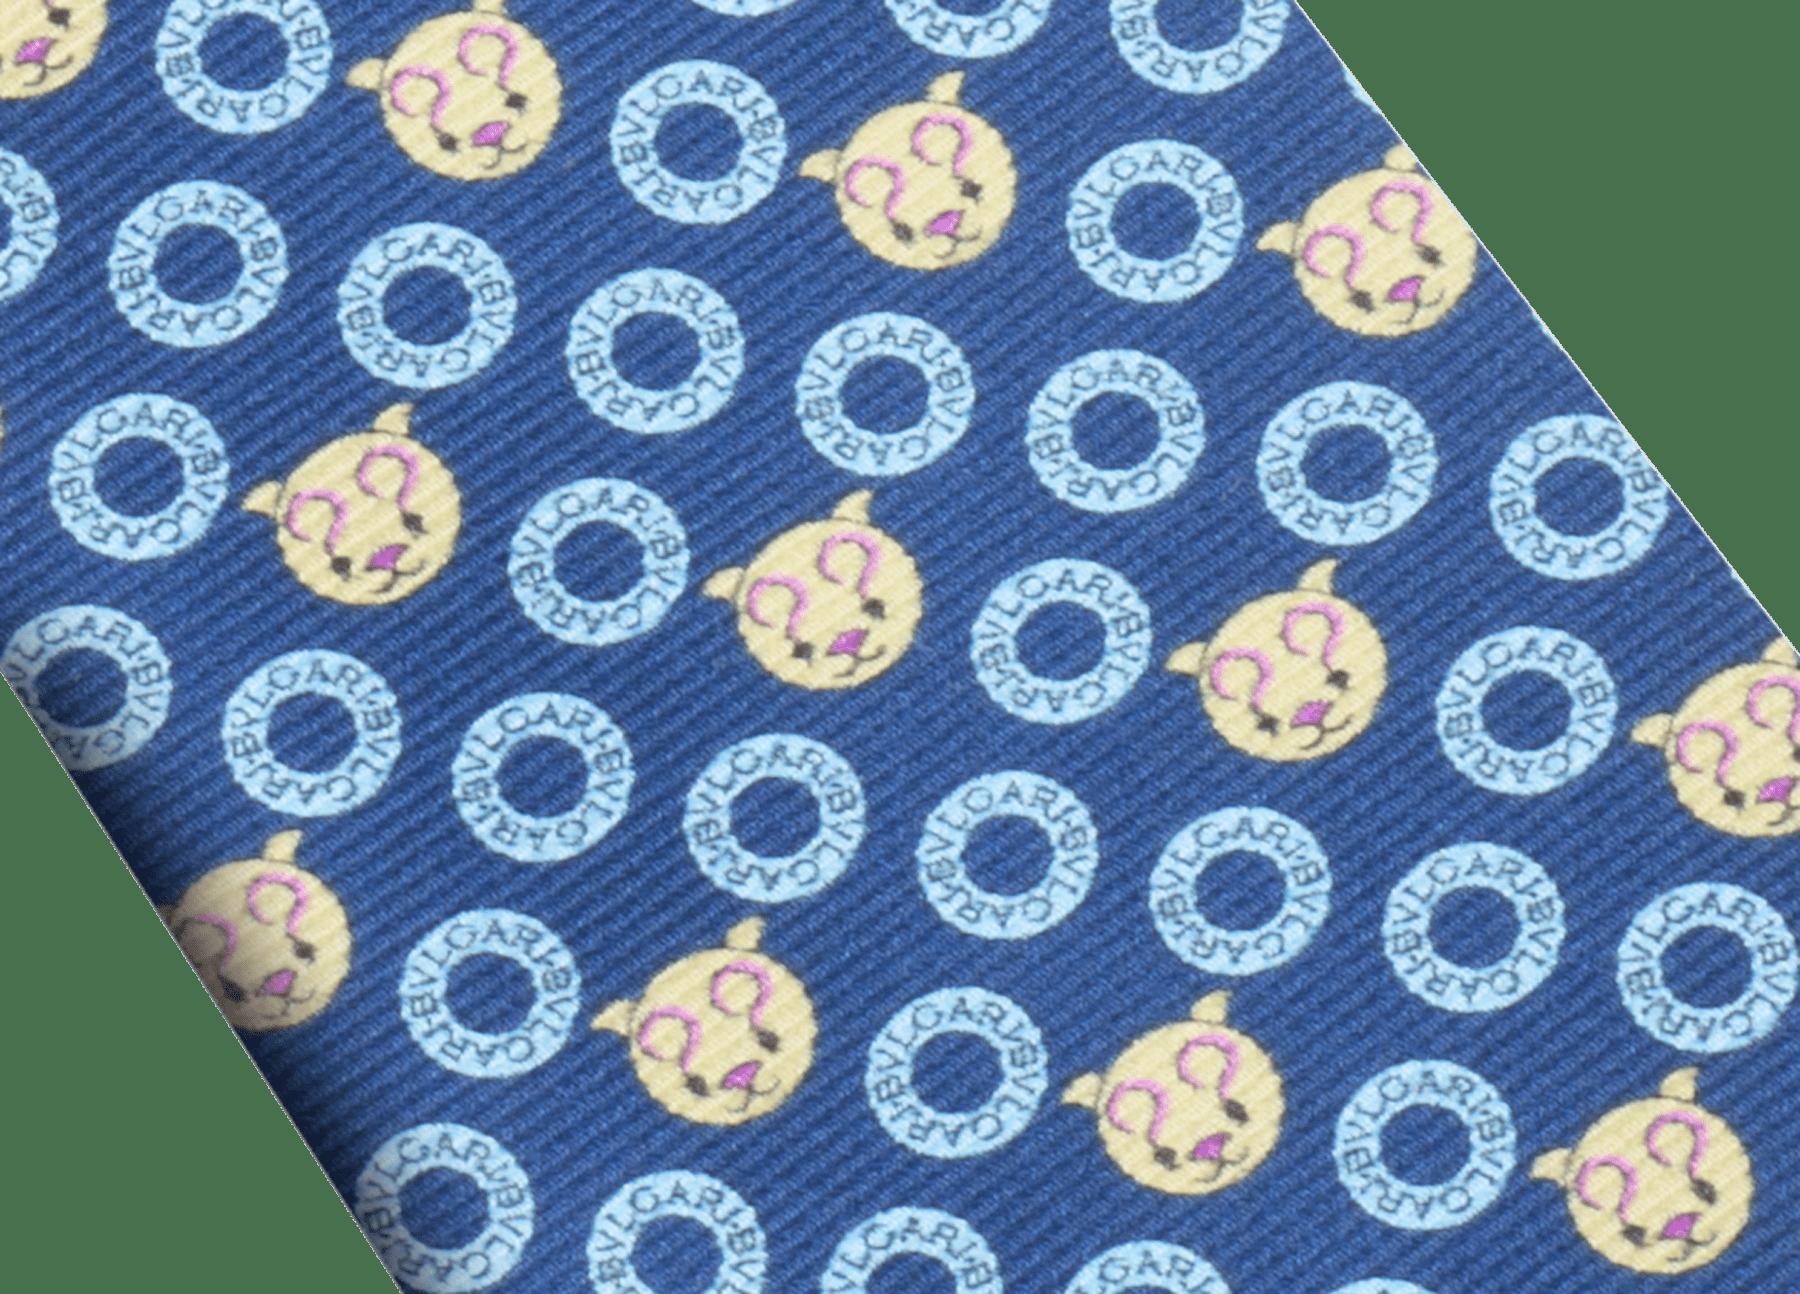 ダークブルーのロゴ エモティキャット セブンフォールドネクタイ。上質なサリオーネプリントシルク製。 244328 image 2